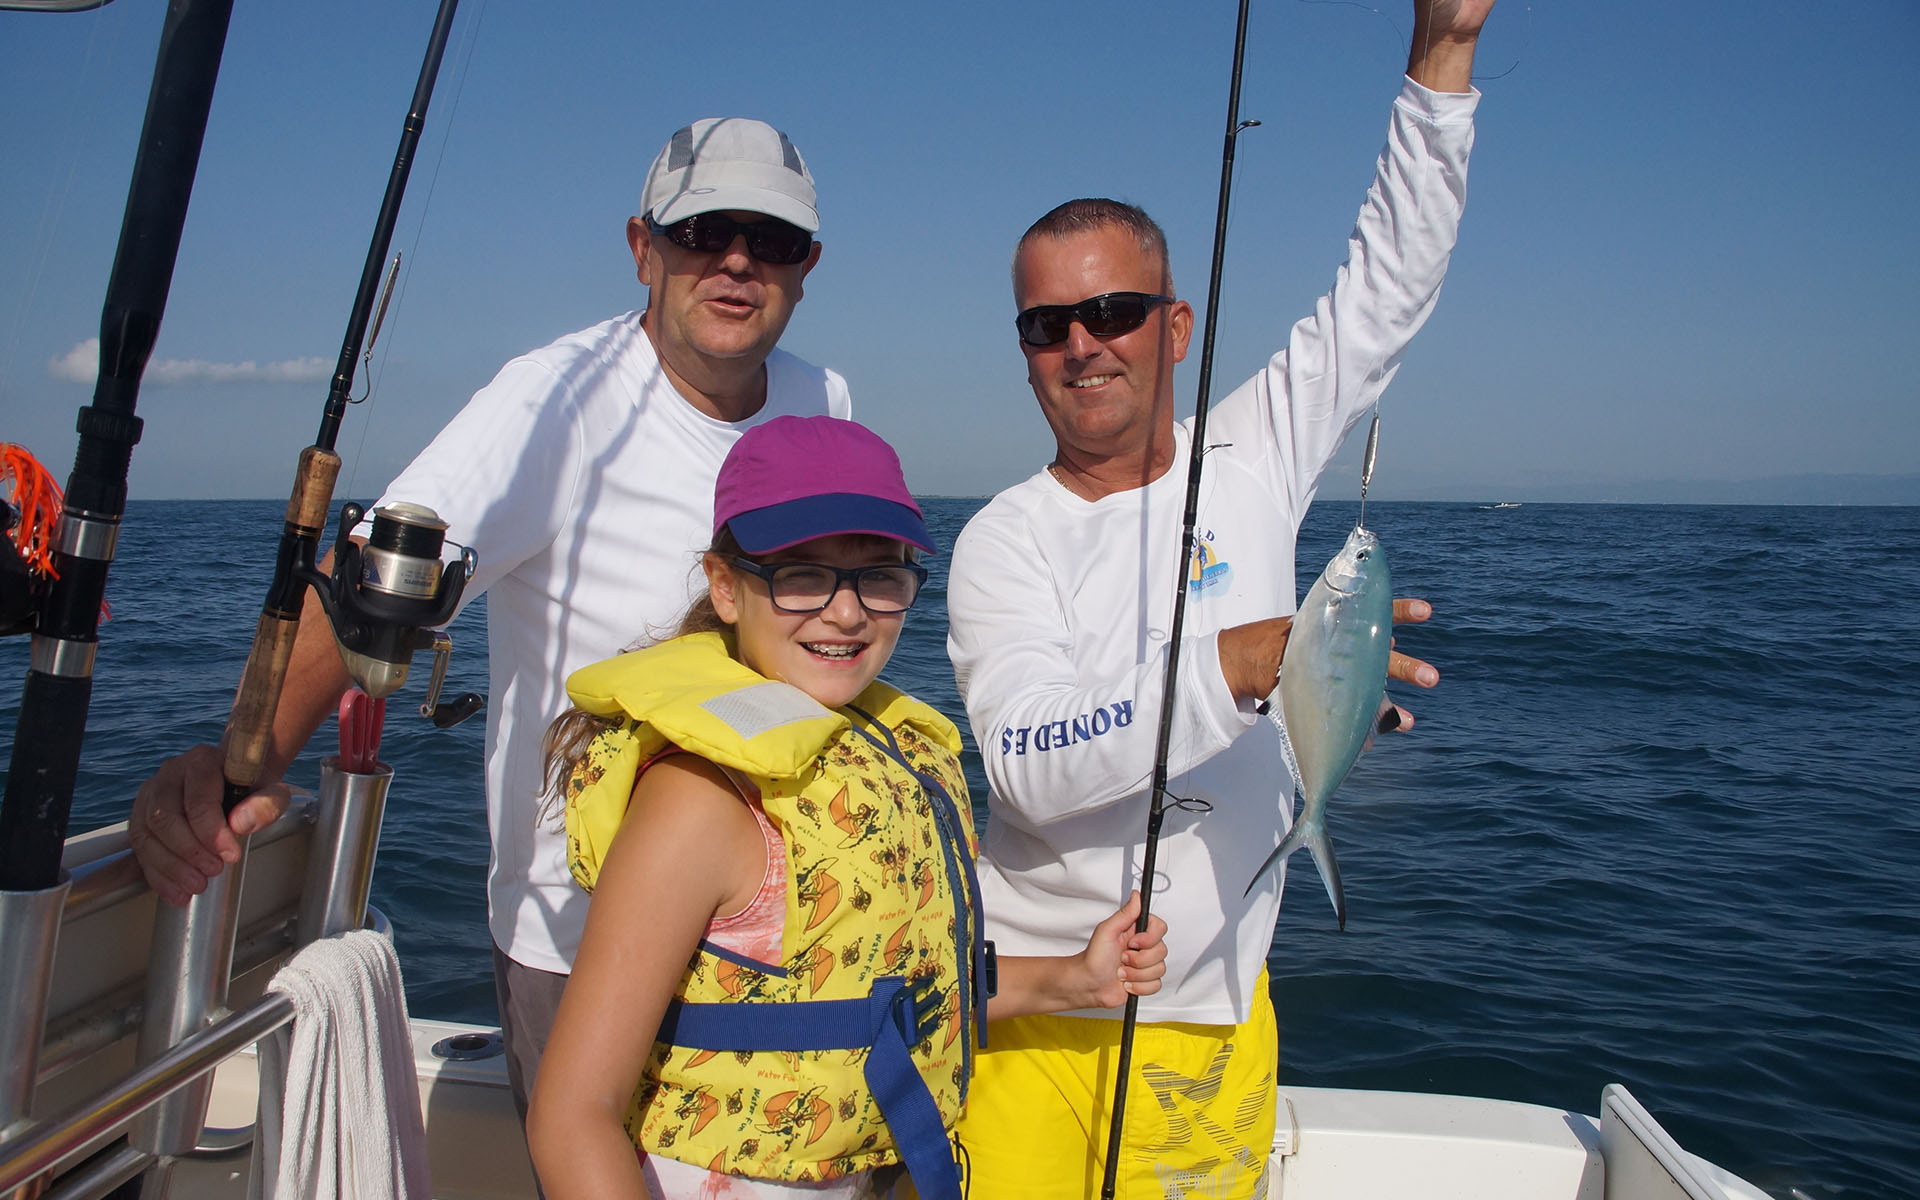 Pesca i passeig familiar en vaixell pel Delta